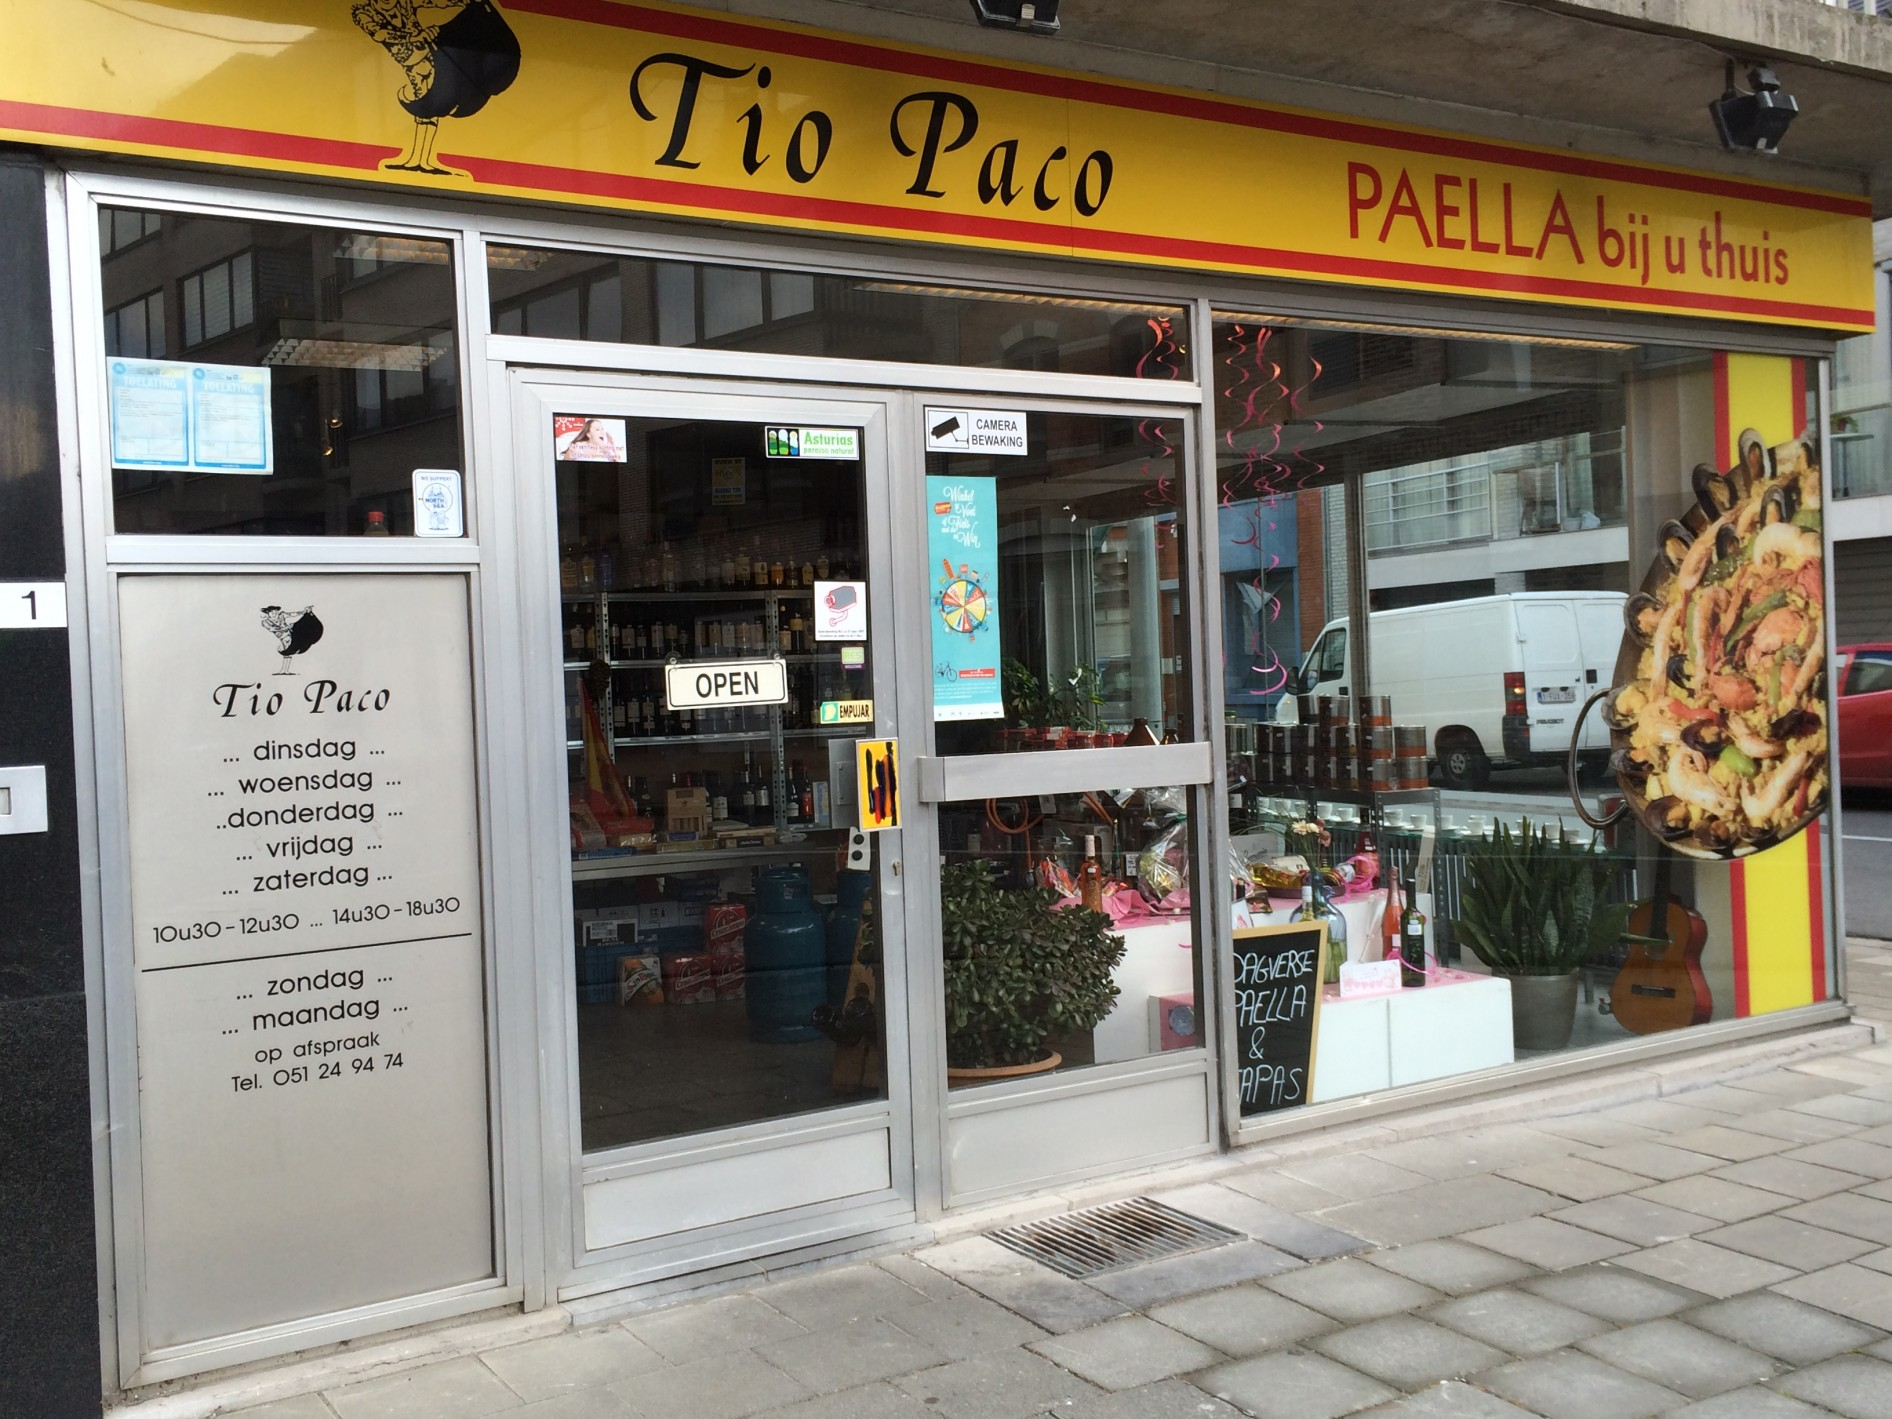 Welkom bij Tio Paco, Sinds 1995 is de naam Tio Paco synoniem met overheerlijke tapasbuffetten...